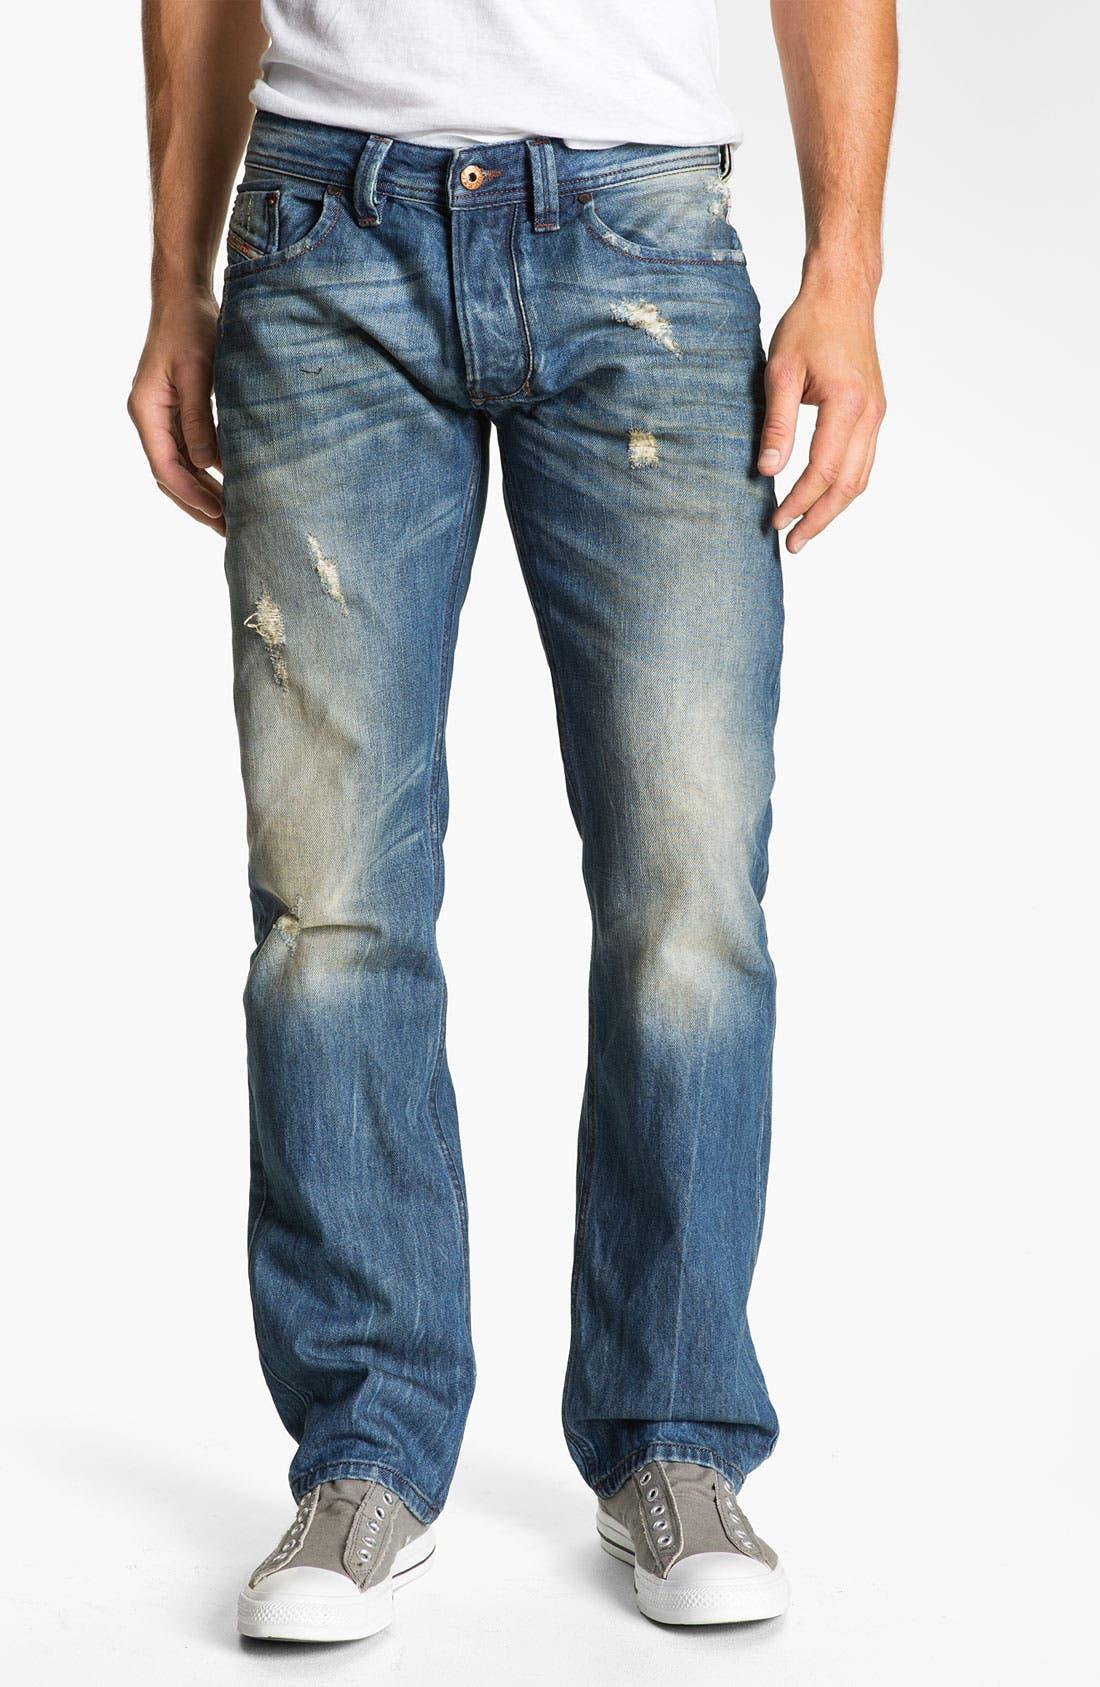 Alternate Image 1 Selected - DIESEL® 'Larkee' Straight Leg Jeans (0075I)